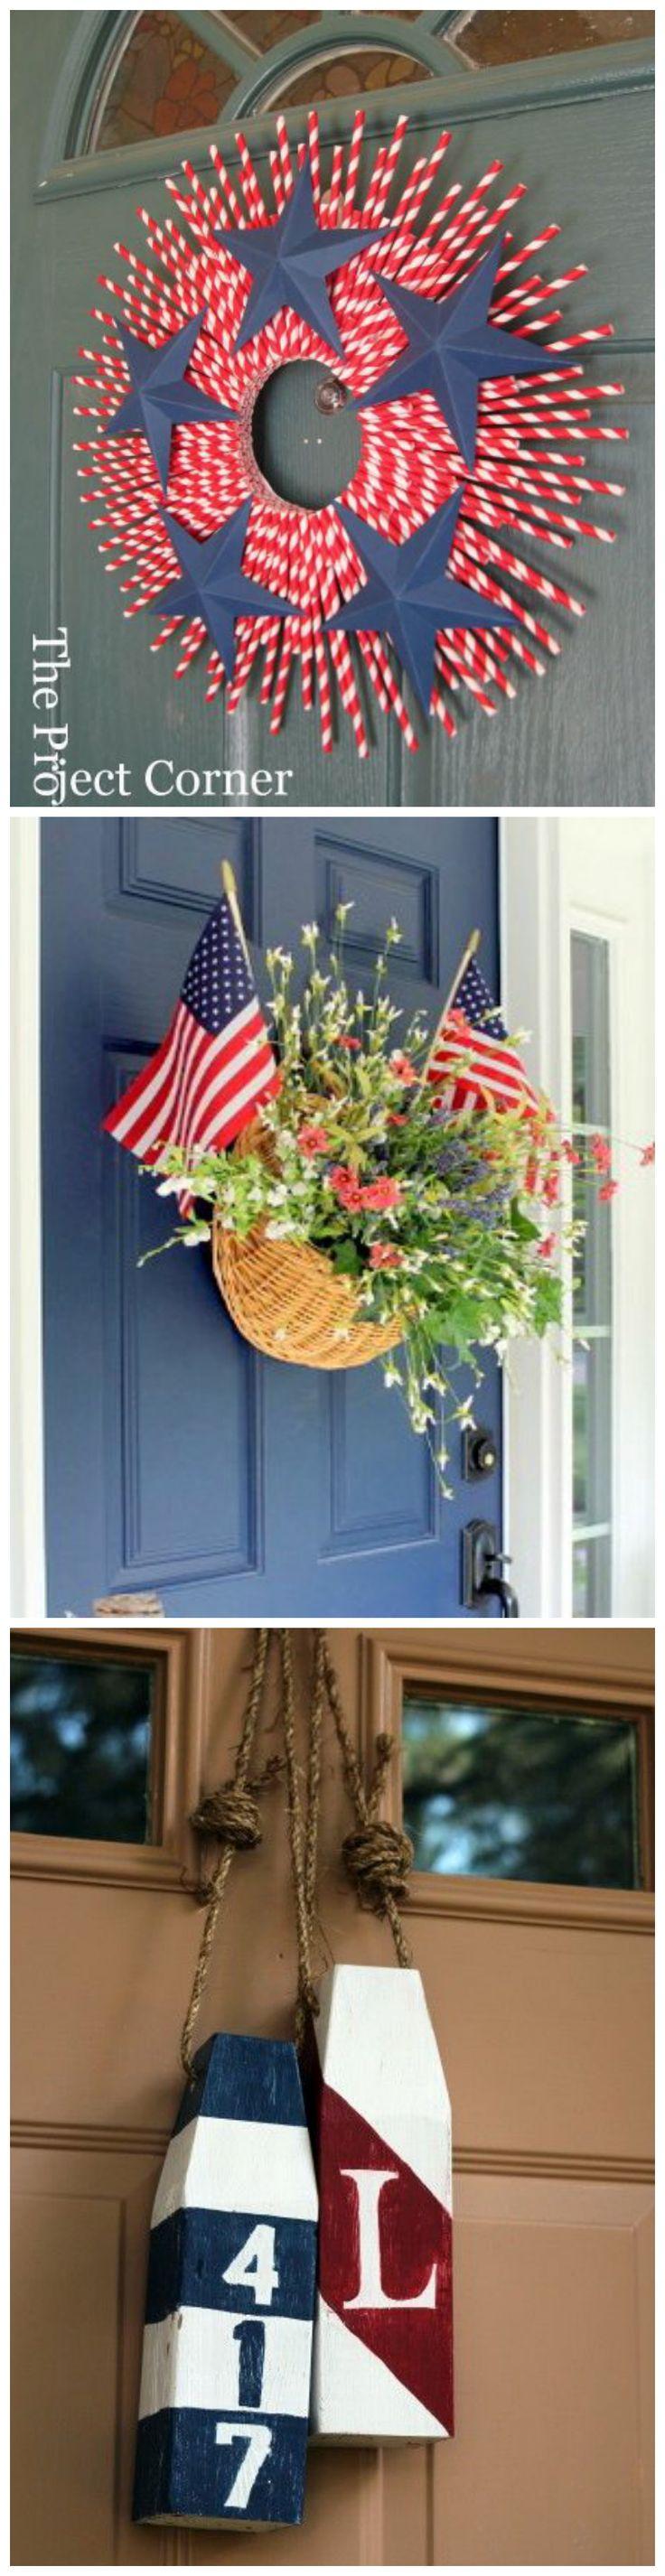 DIY American Door Decor - Patriotic Fourth of July Wreaths